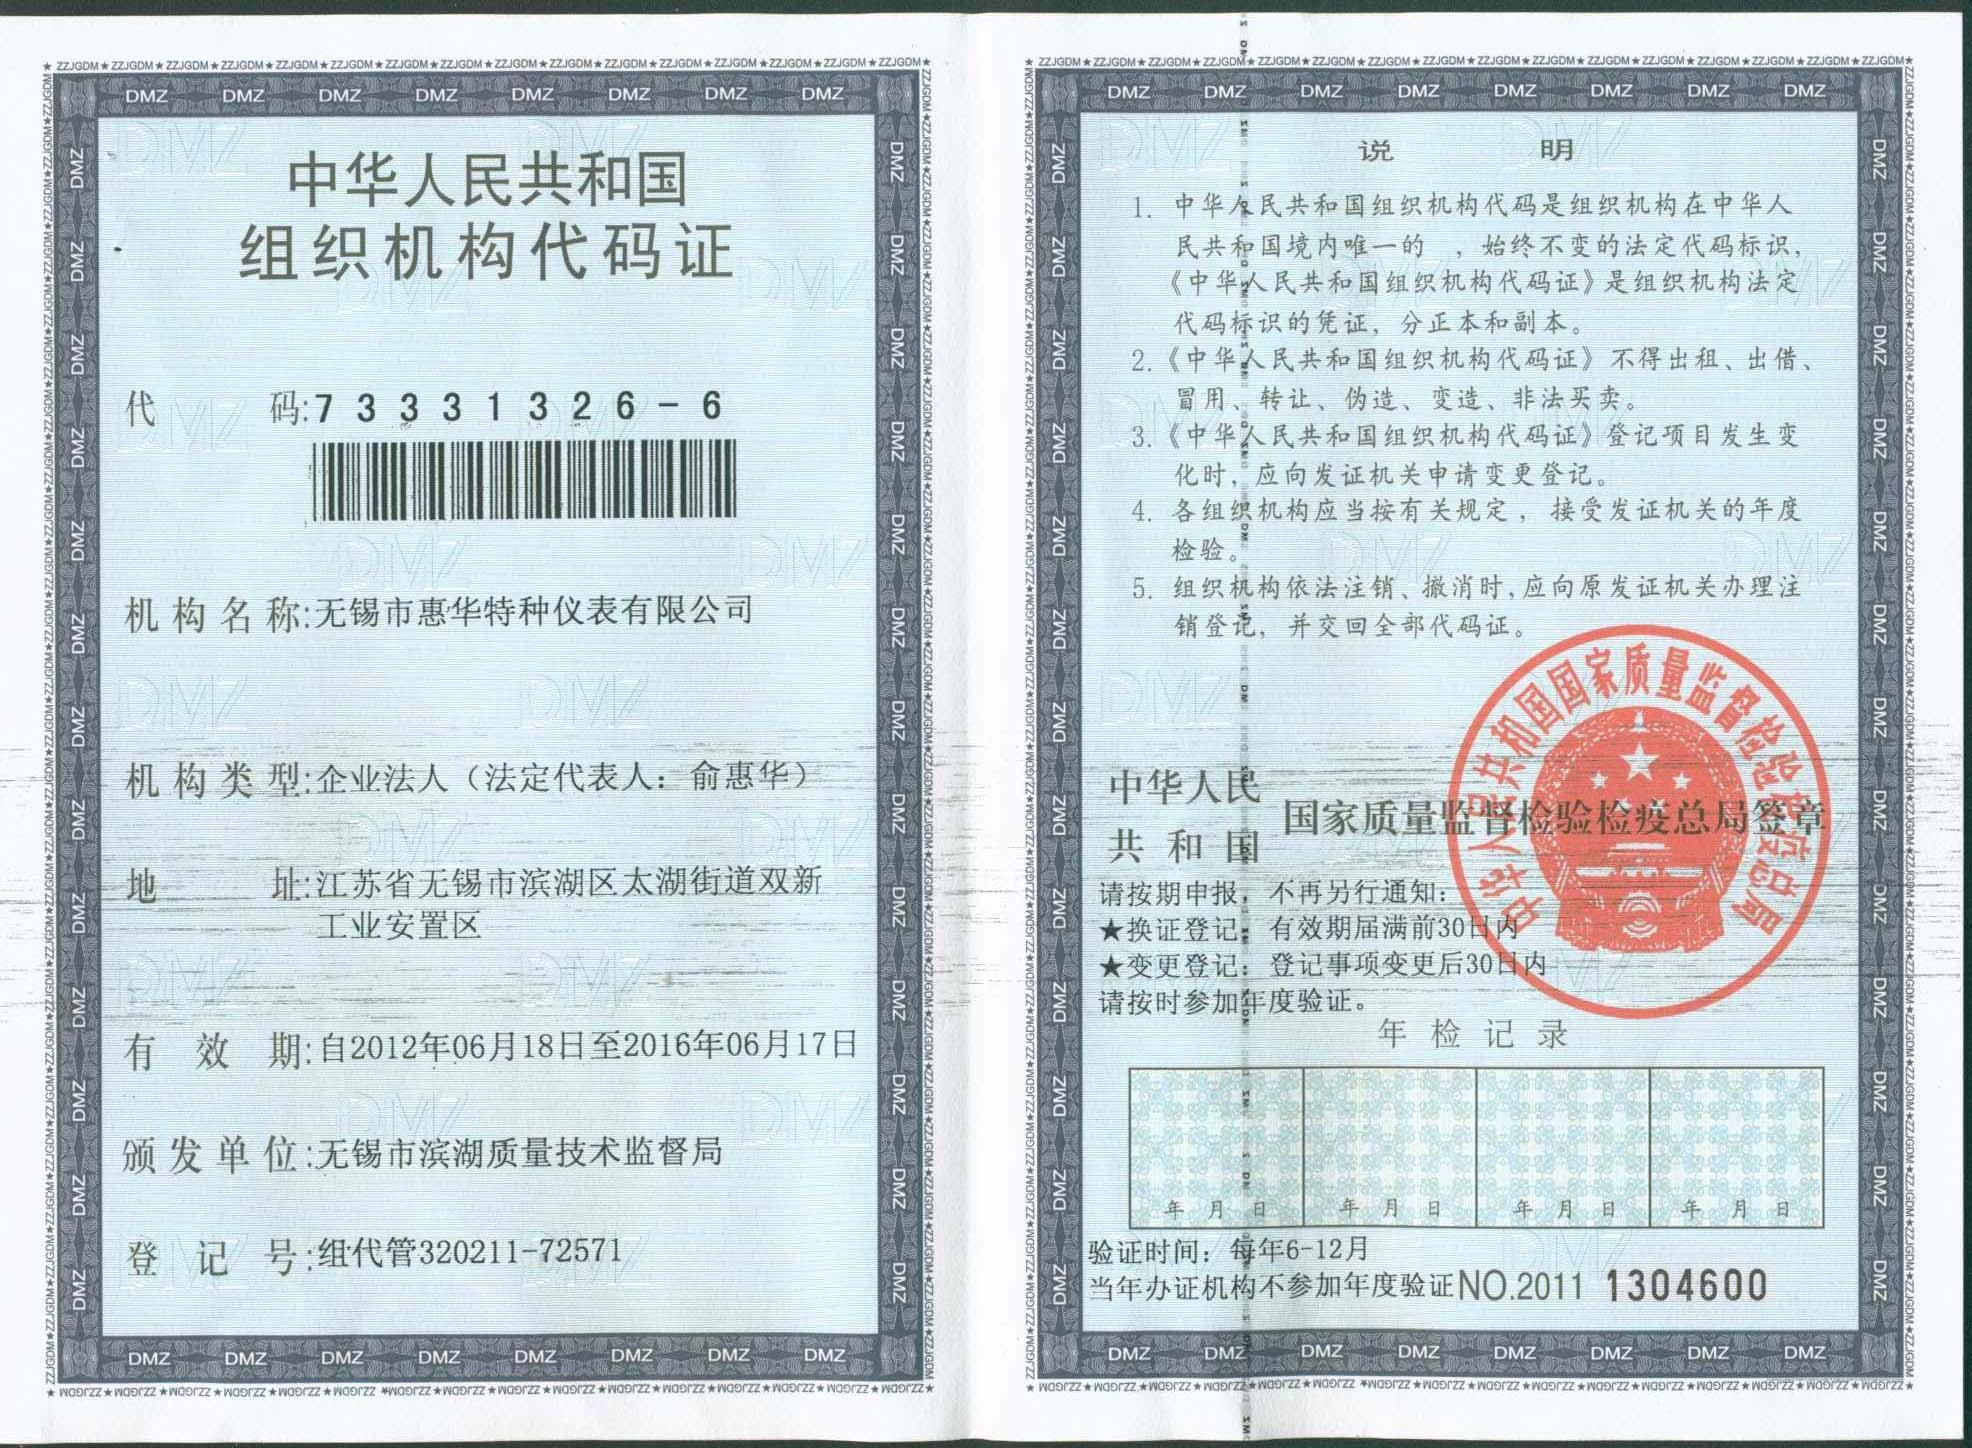 惠华组织机构代码证